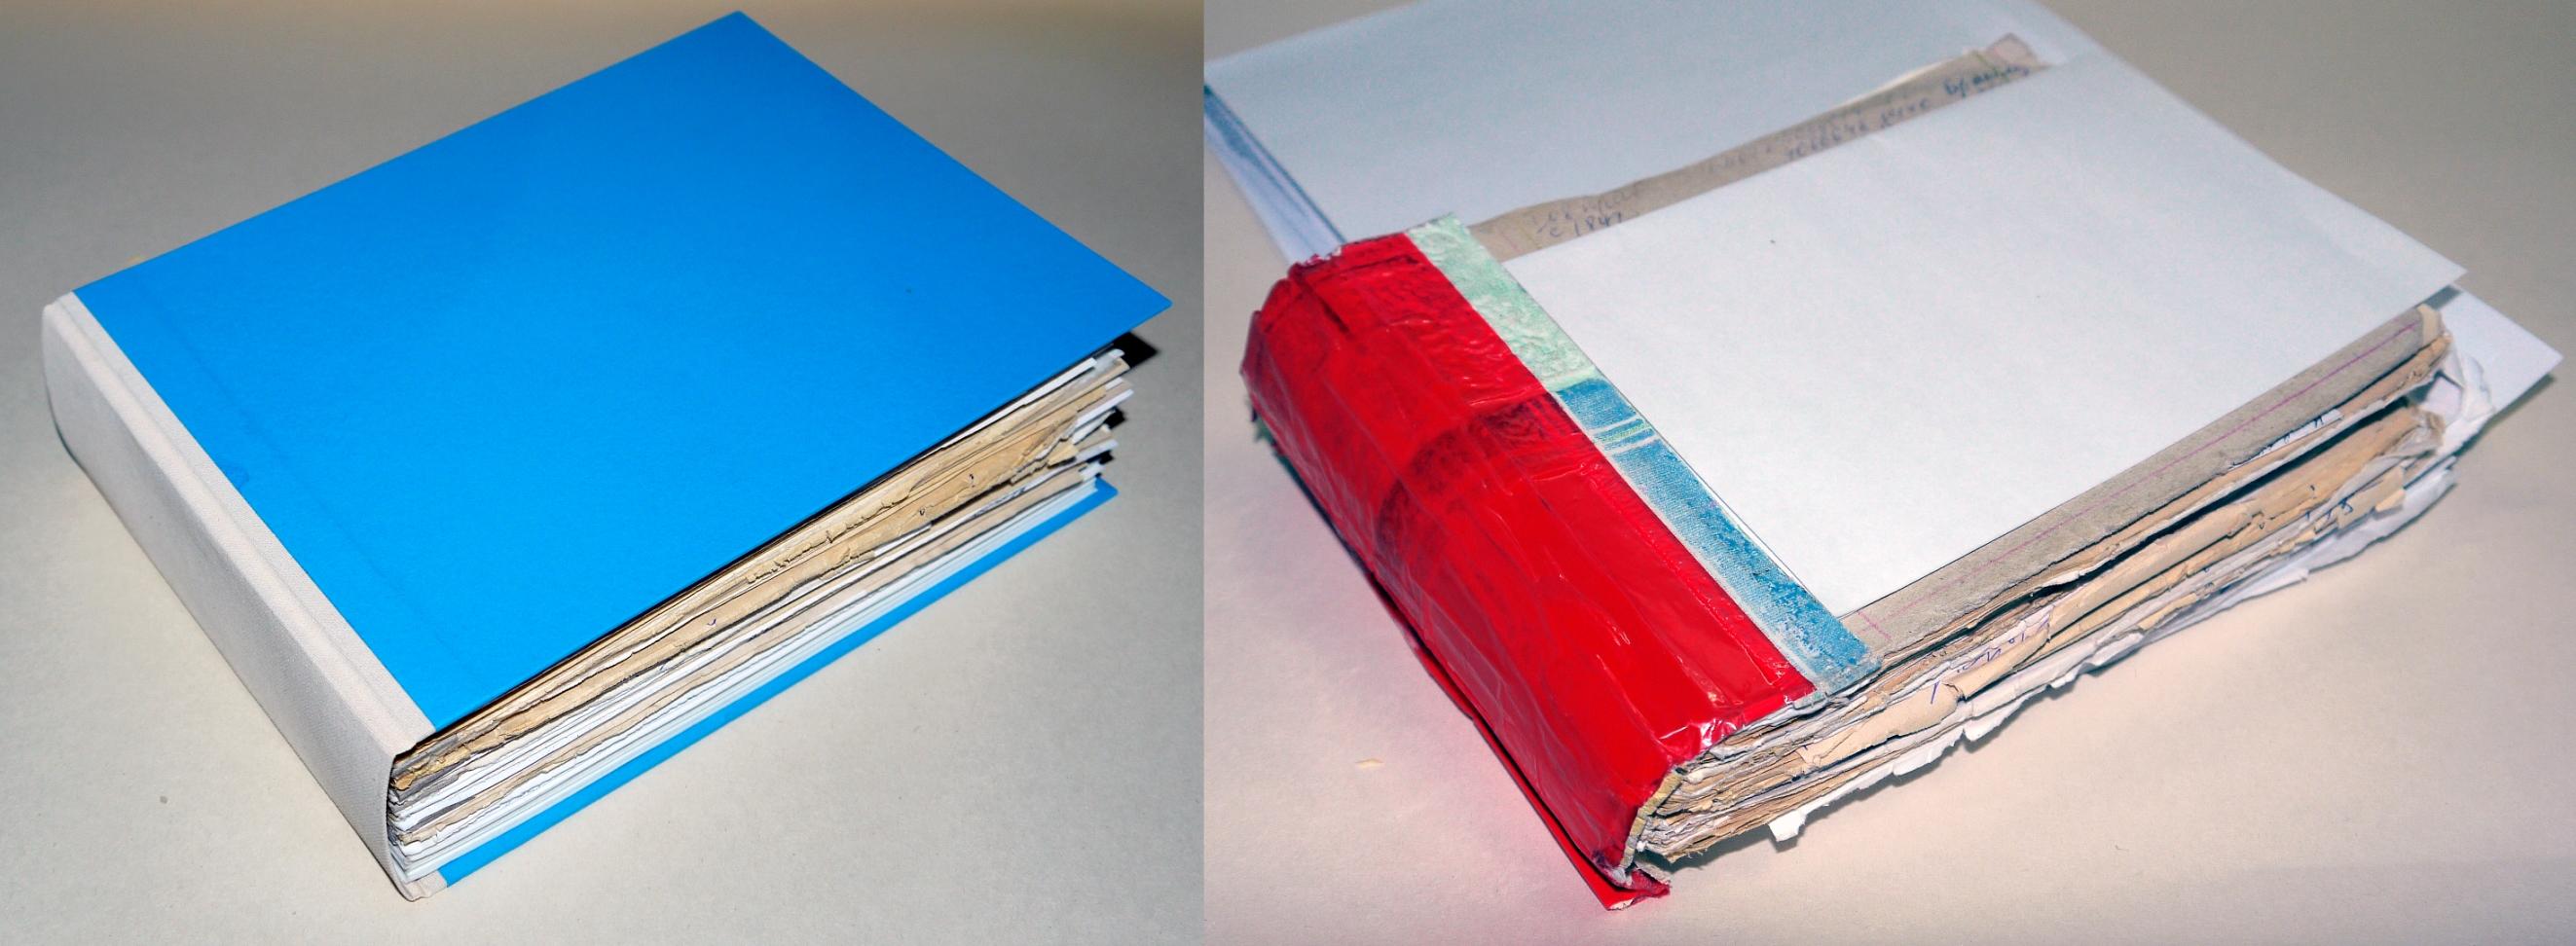 Как сделать брошюровку дома